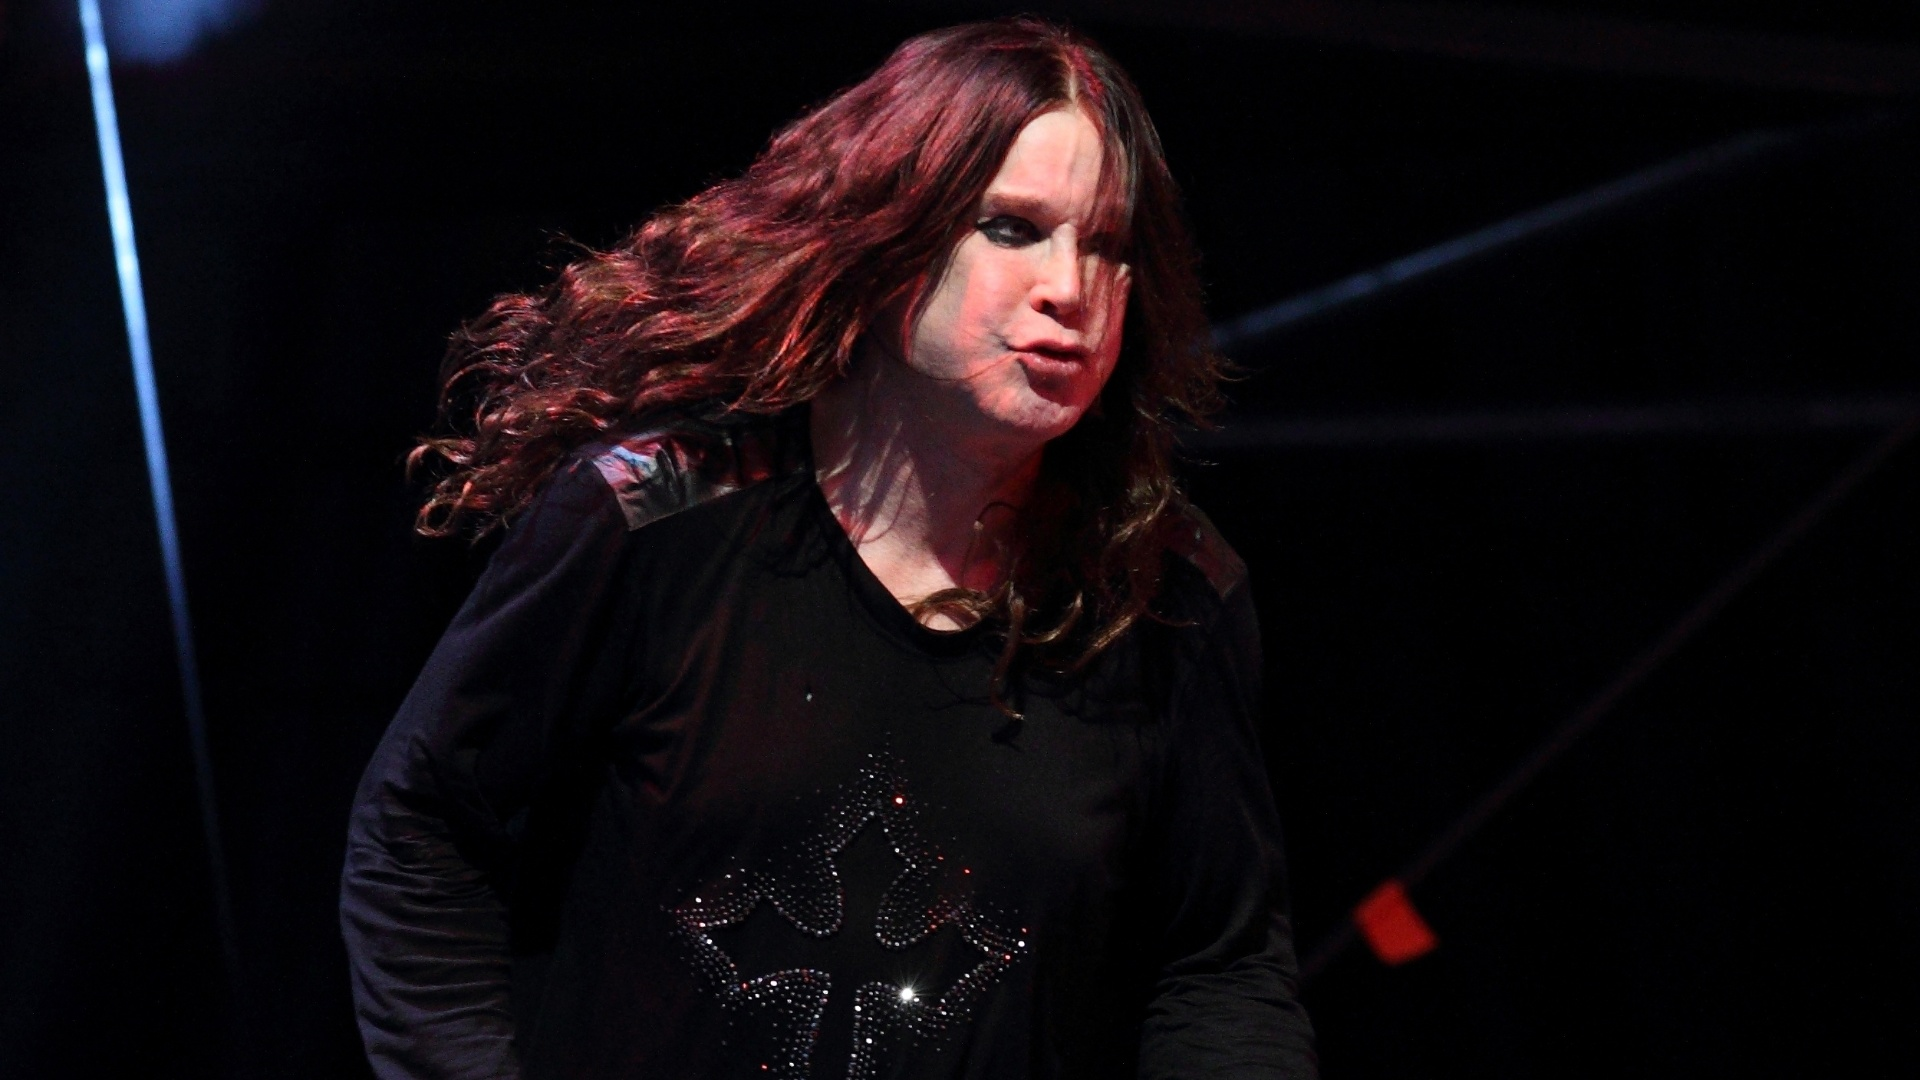 O Black Sabbath toca no festival Lollapalooza em Chicago. A banda anunciou a volta de sua formação clássica para alguns shows em 2012 e foi a maior atração do primeiro dia do festival (3/8/12)